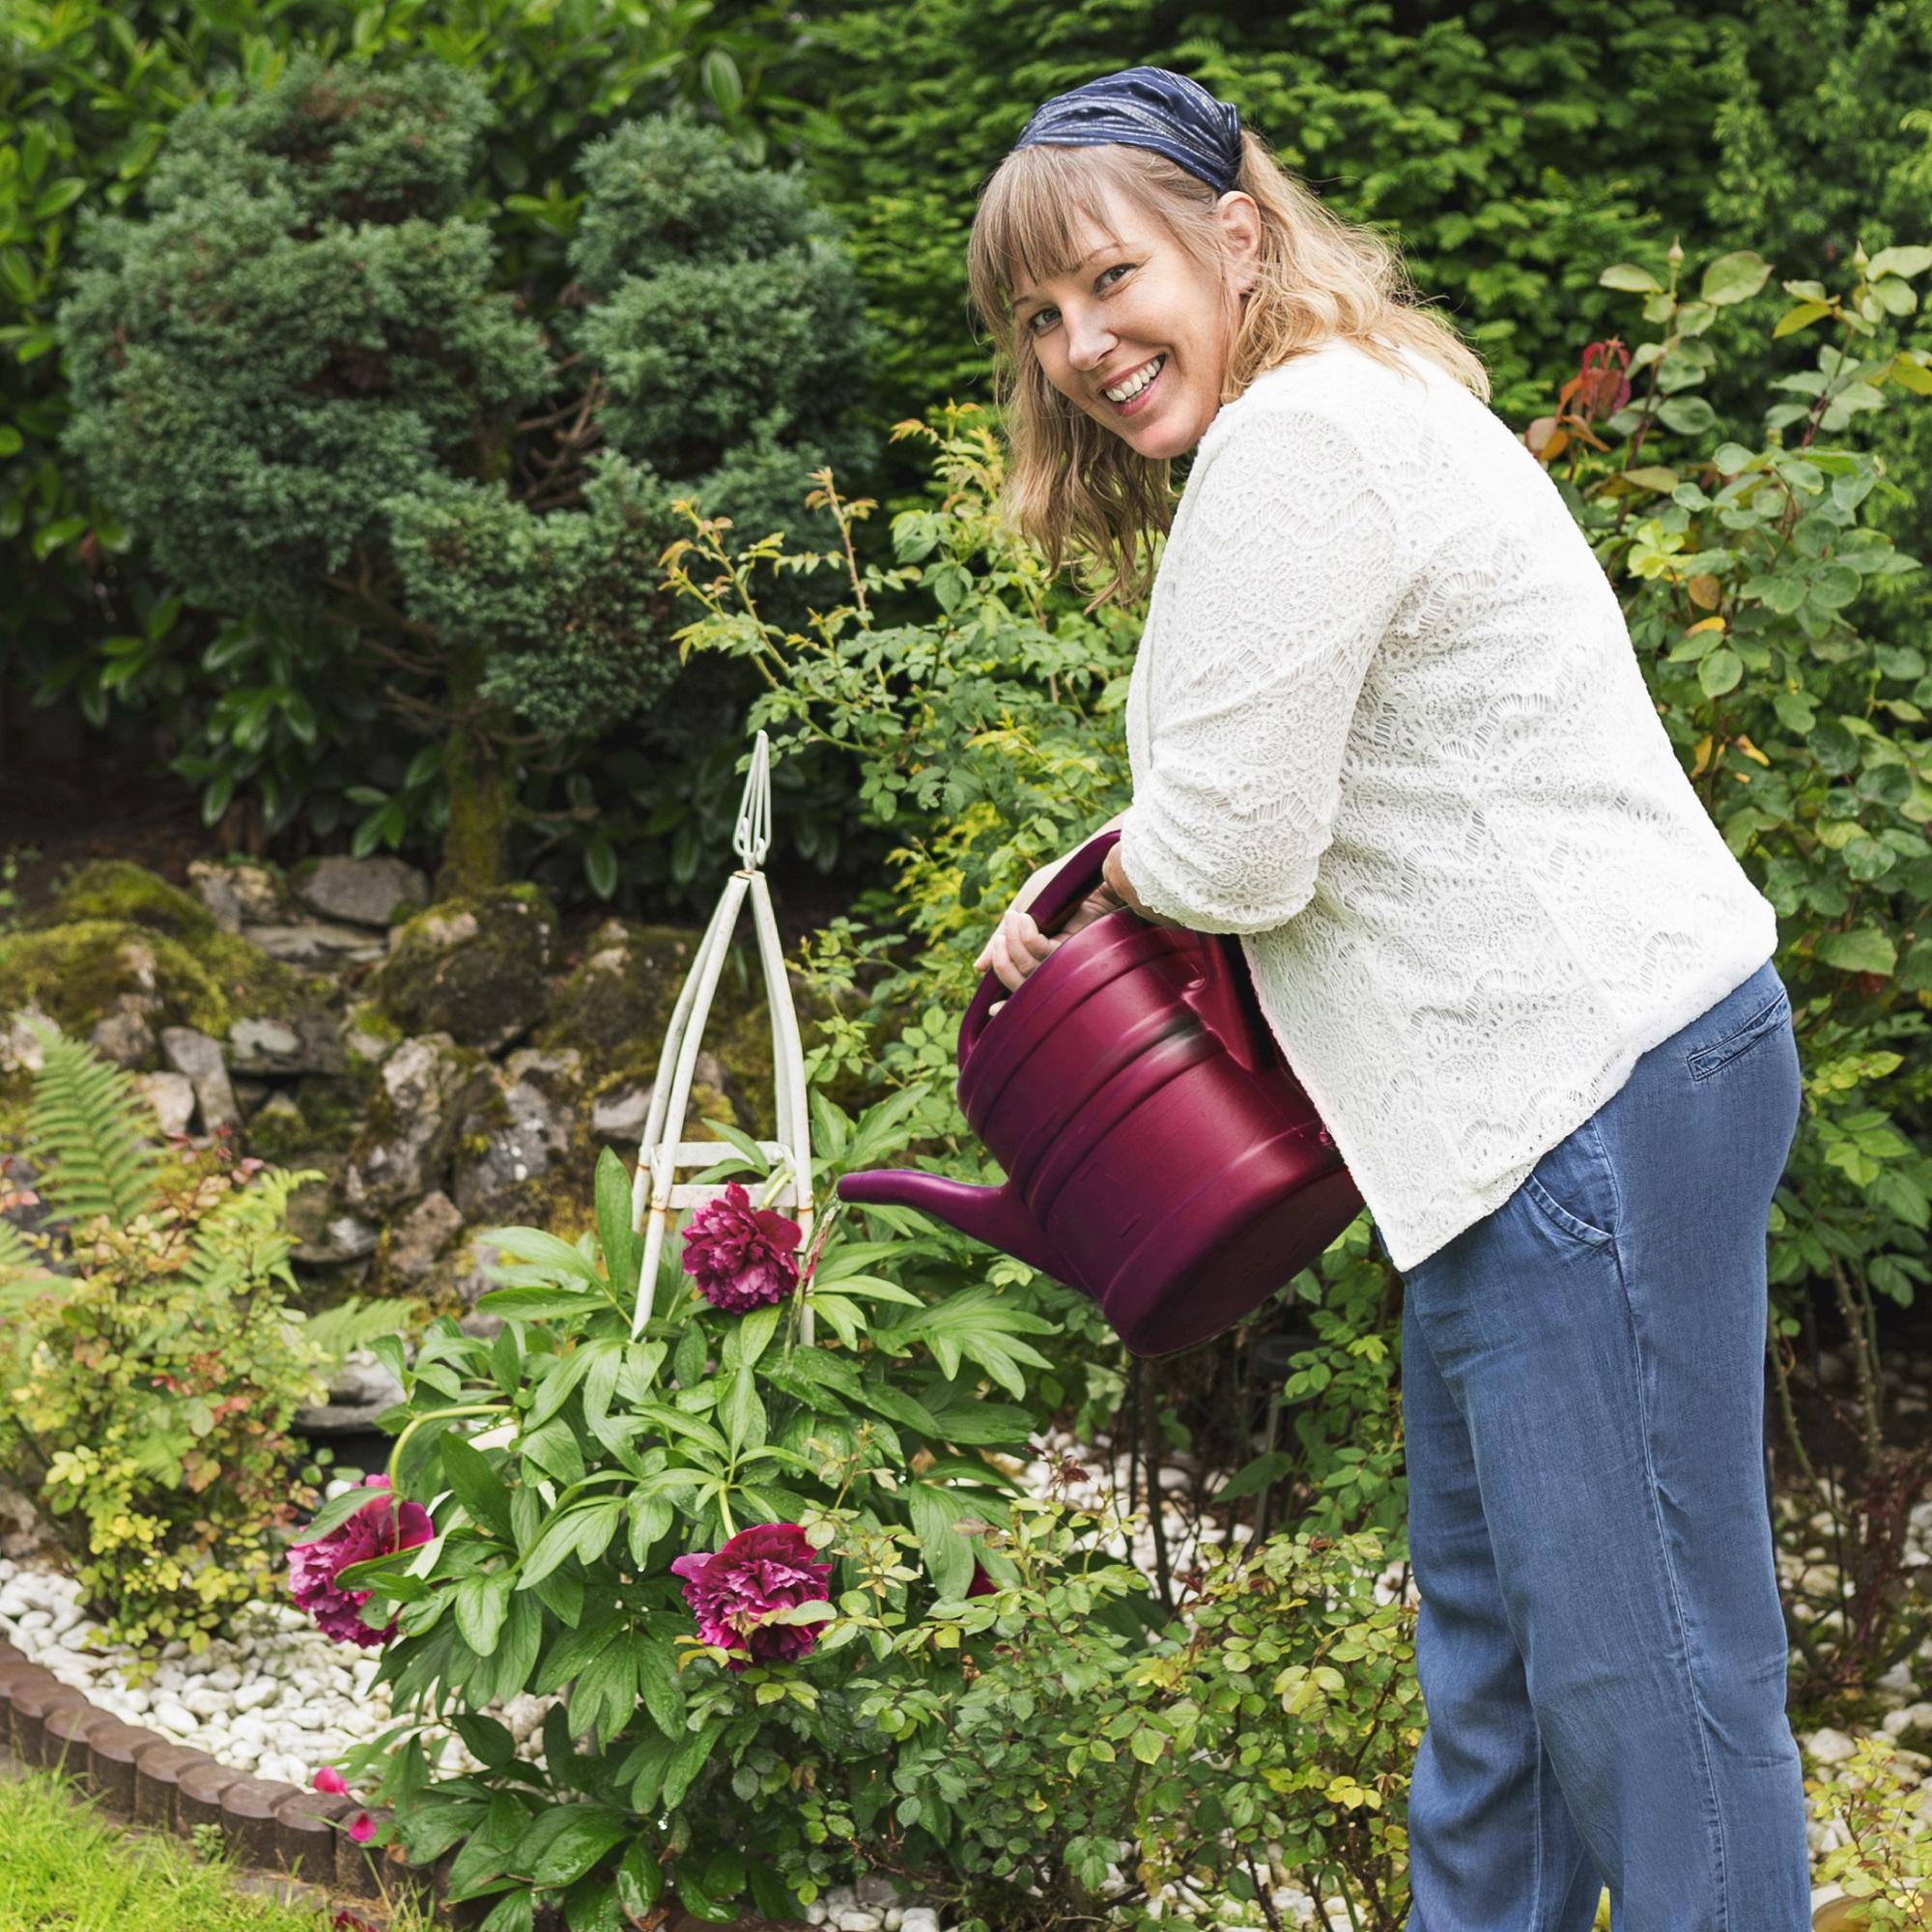 Календарь садовода и огородника май 2018. Источник фото: Shutterstock